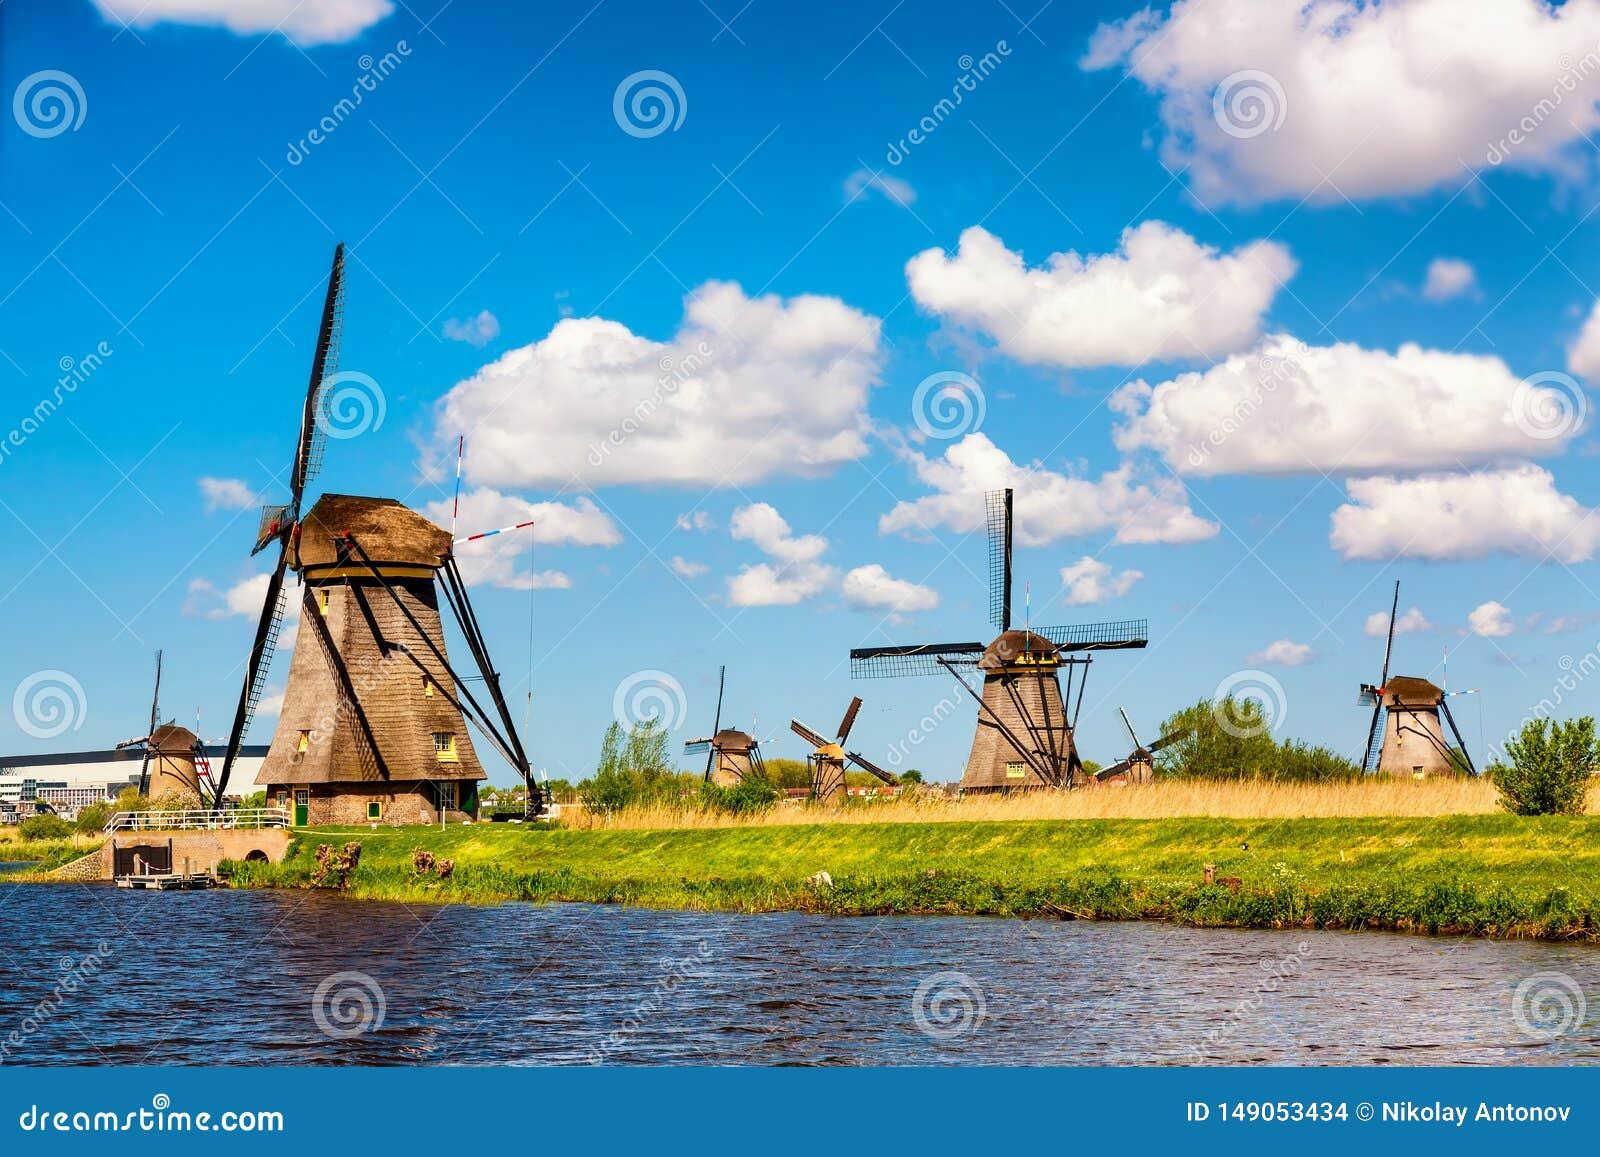 Διάσημοι ανεμόμυλοι στο χωριό Kinderdijk στην Ολλανδία Ζωηρόχρωμο αγροτικό τοπίο άνοιξη στις Κάτω Χώρες, Ευρώπη Παγκόσμια κληρονο